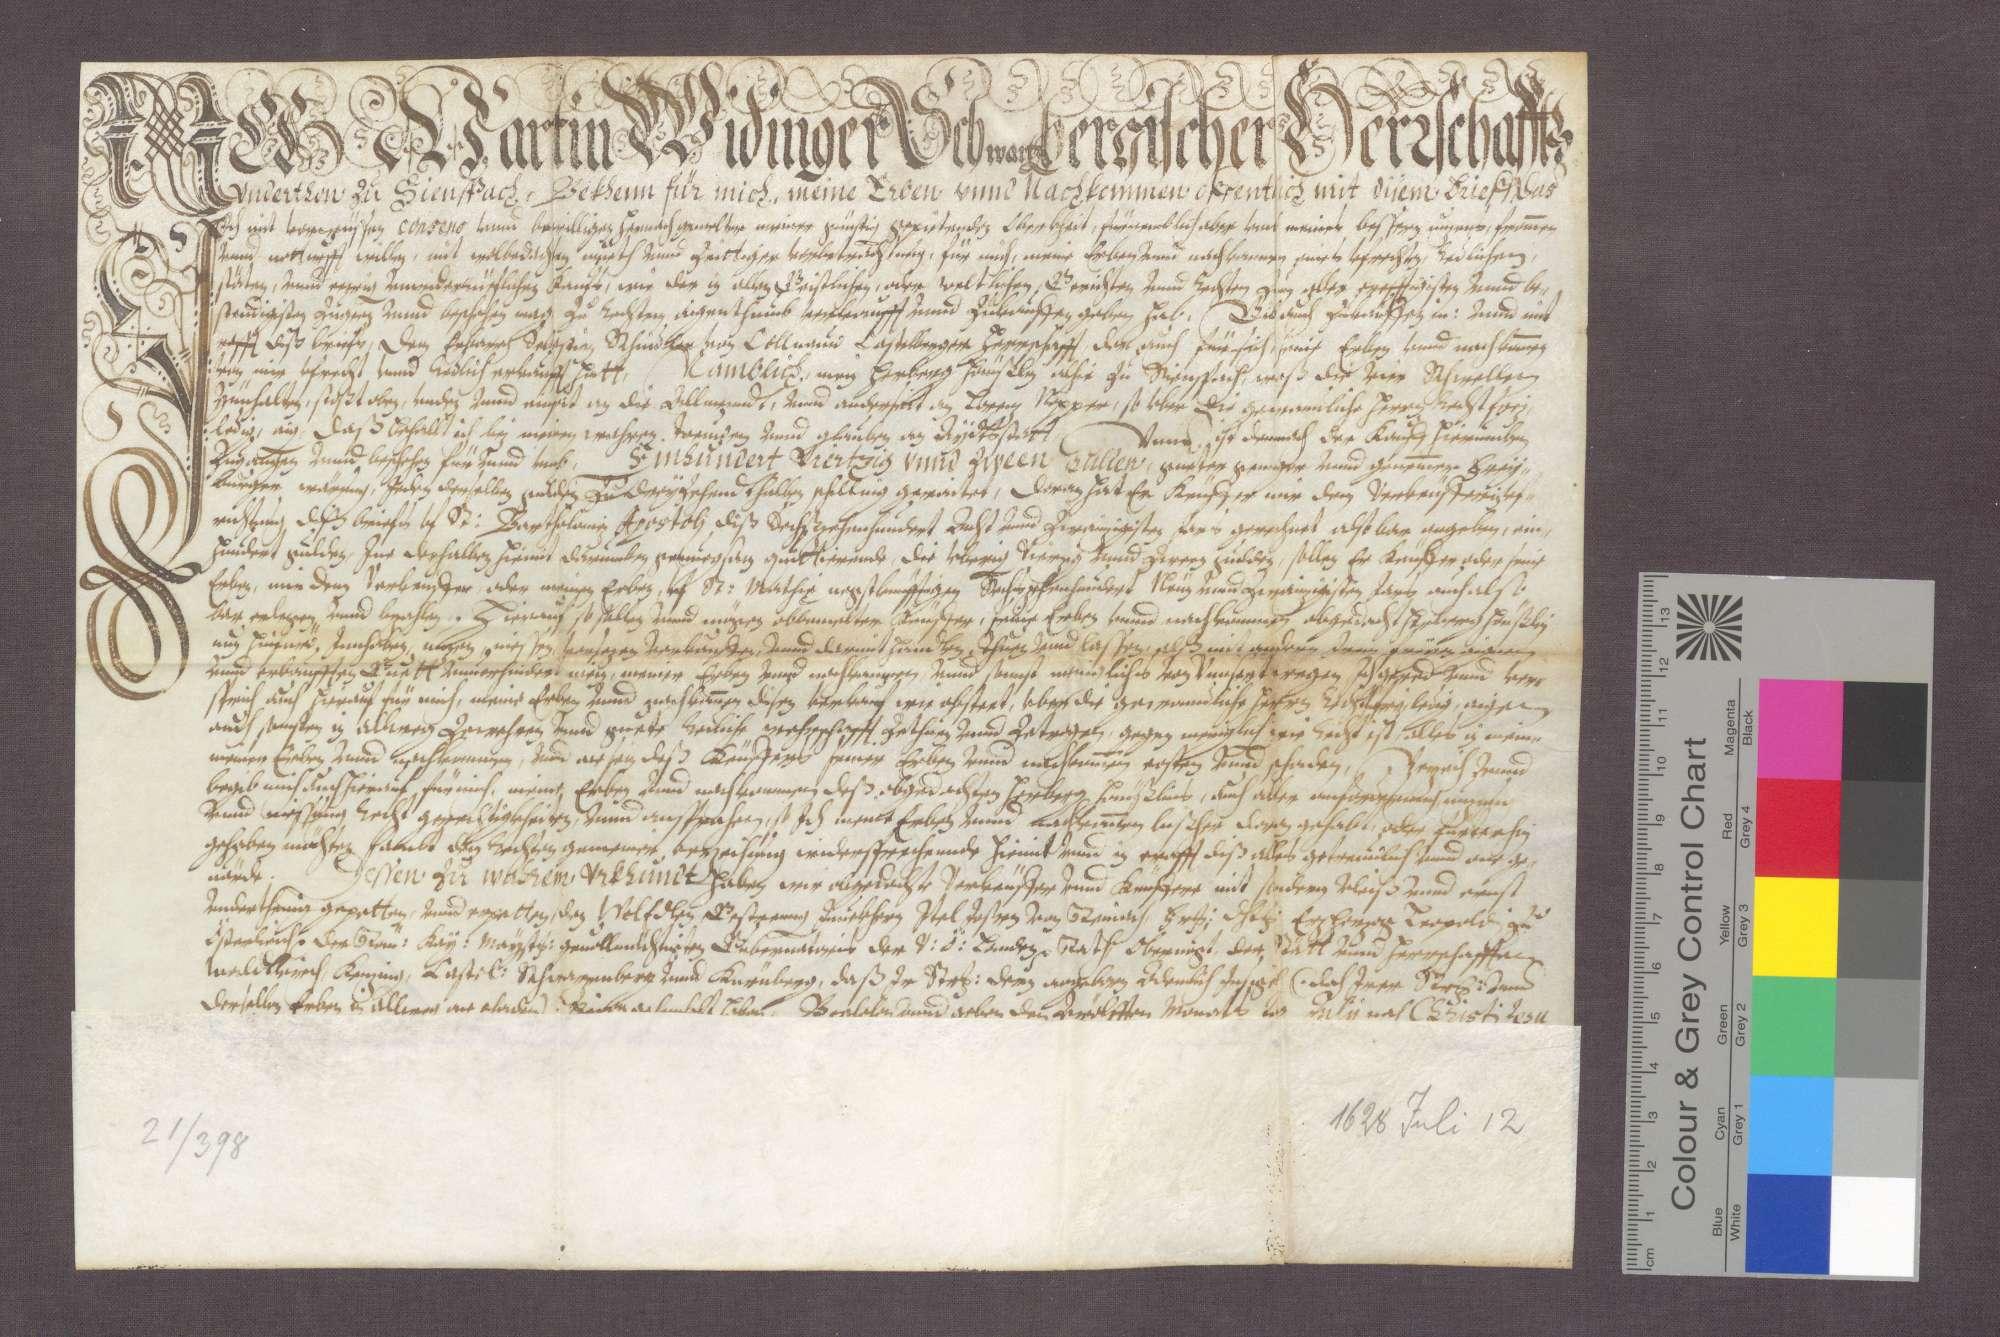 Kaufbrief des Martin Widinger zu Siensbach für Sebastian Schindler ...